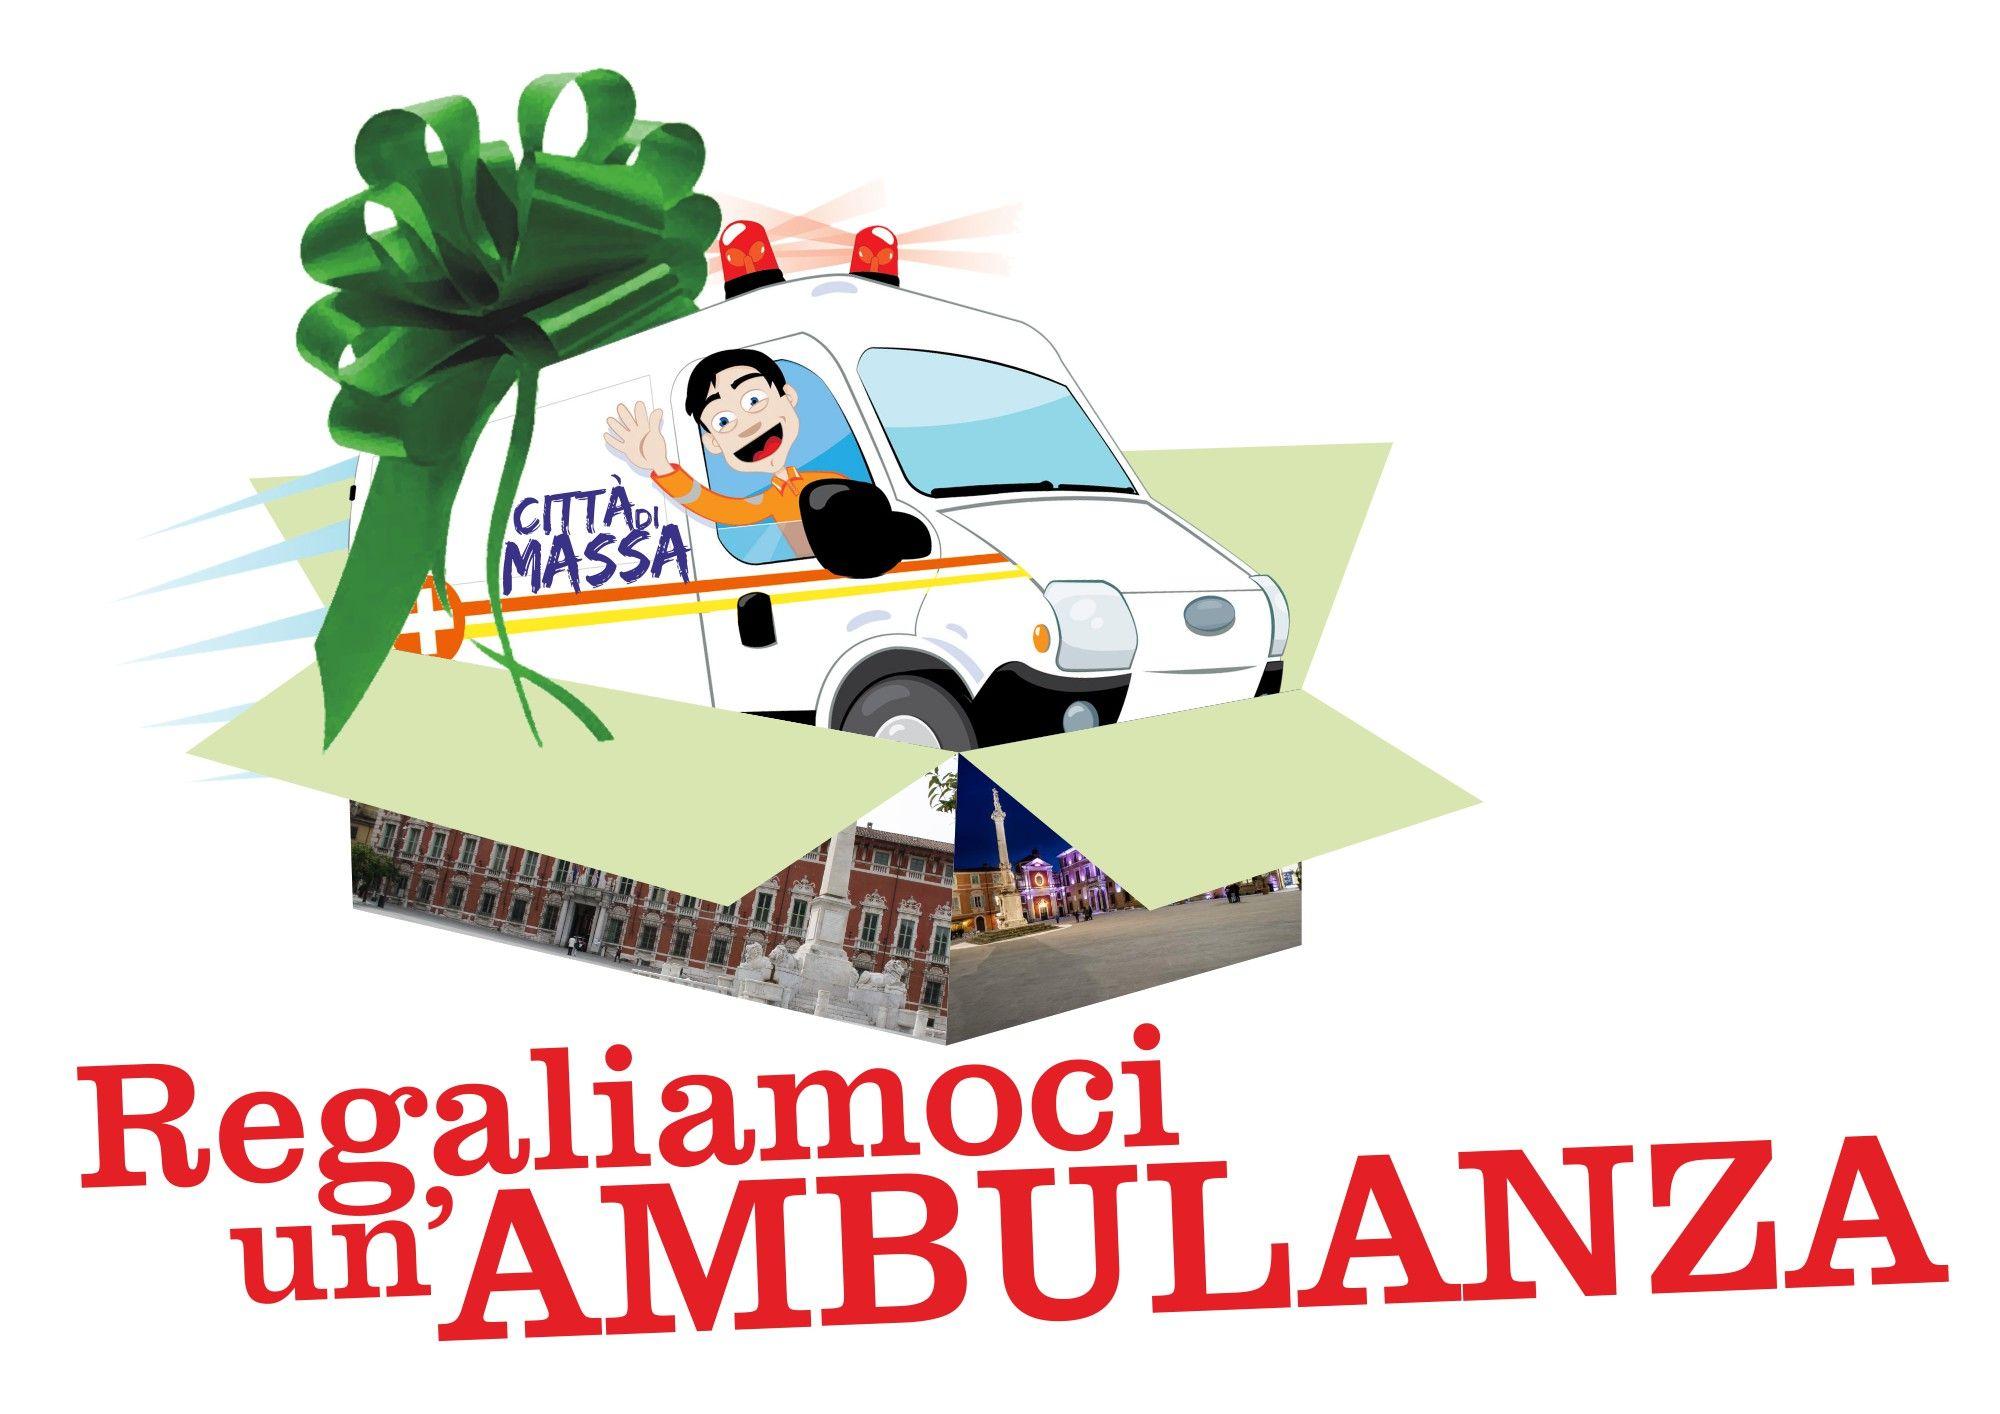 """La Comunità terapeutica """"Monte Brugiana"""" a Massa tante le persone recuperate"""